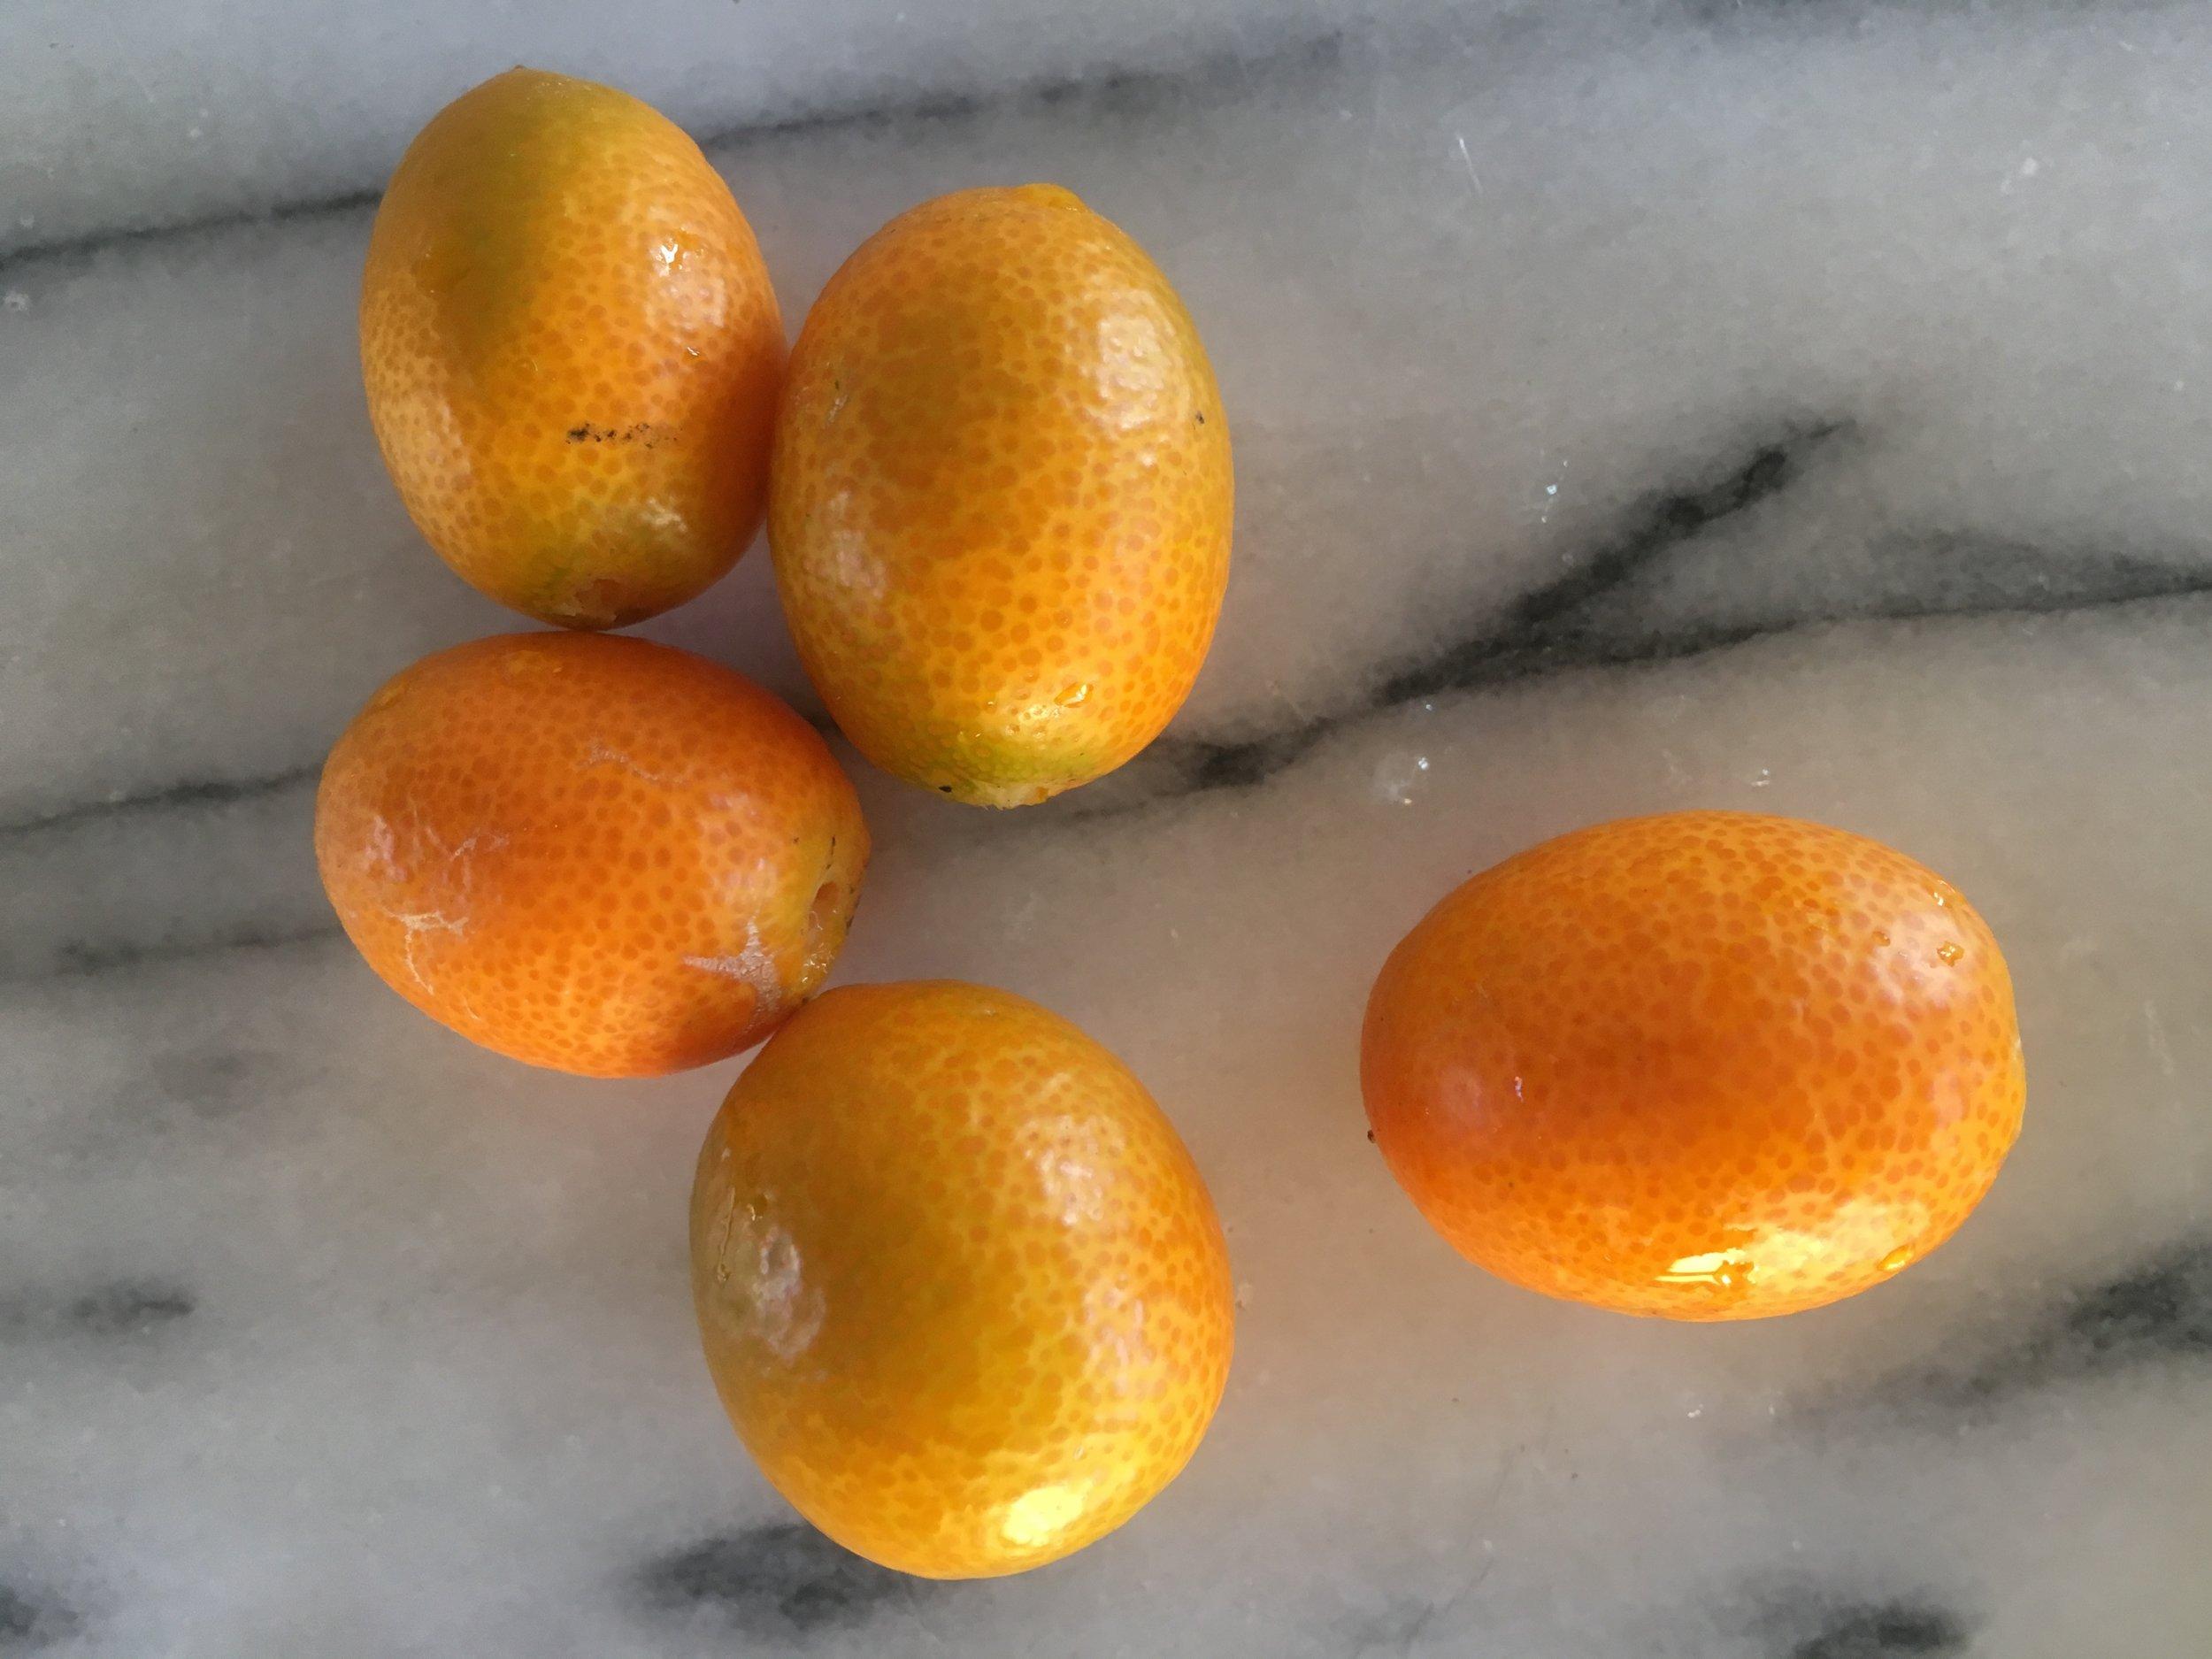 'Nagami' kumquats